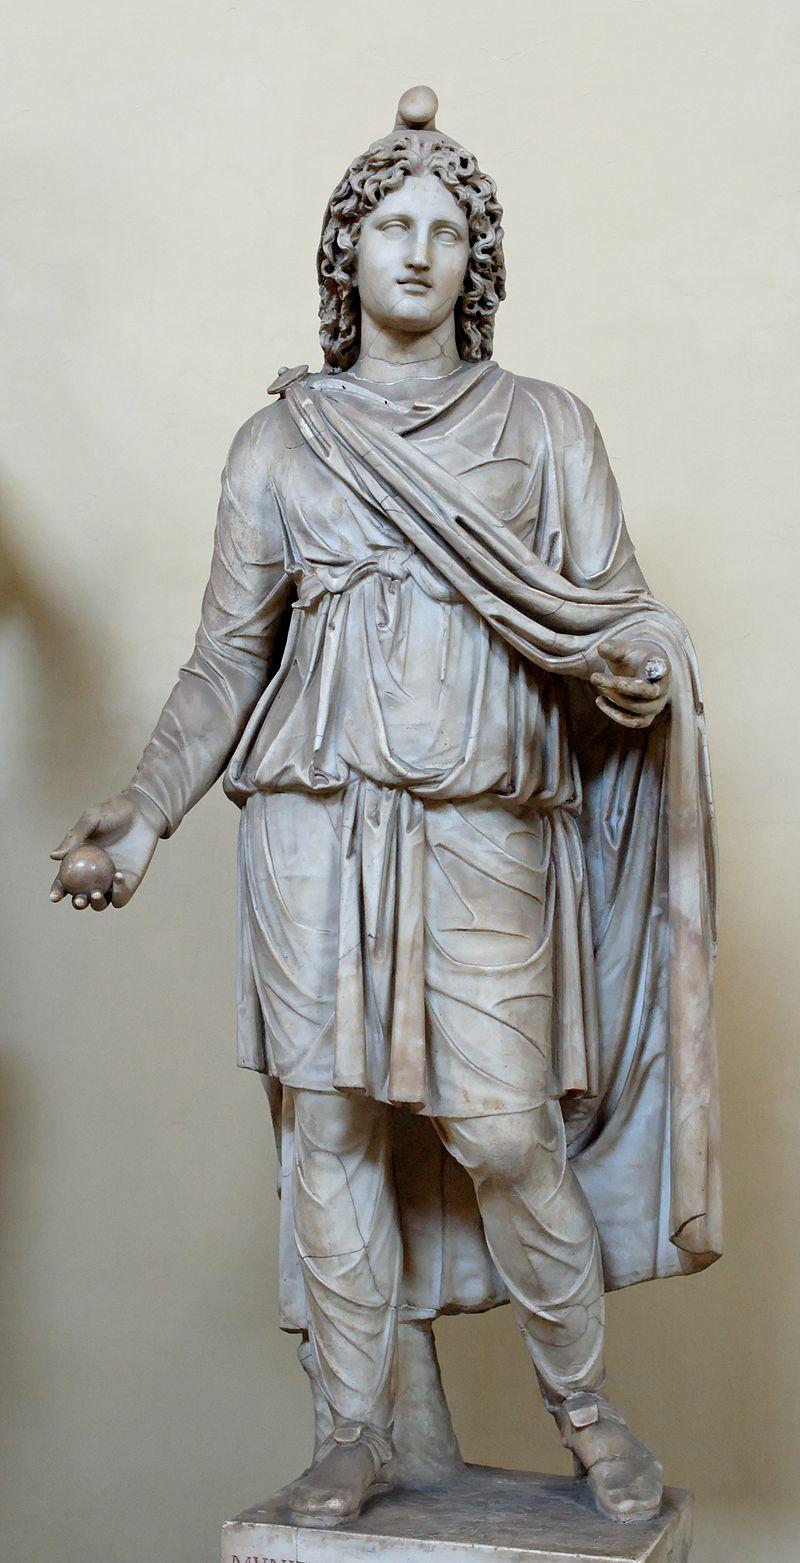 تندیسه میترای رومی یا یک مشعلدار پیرو آیین میترایی در روم باستان در موزه واتیکان (ساخته شده از مرمر در حدود سده دوم یا سوم پس از میلاد)